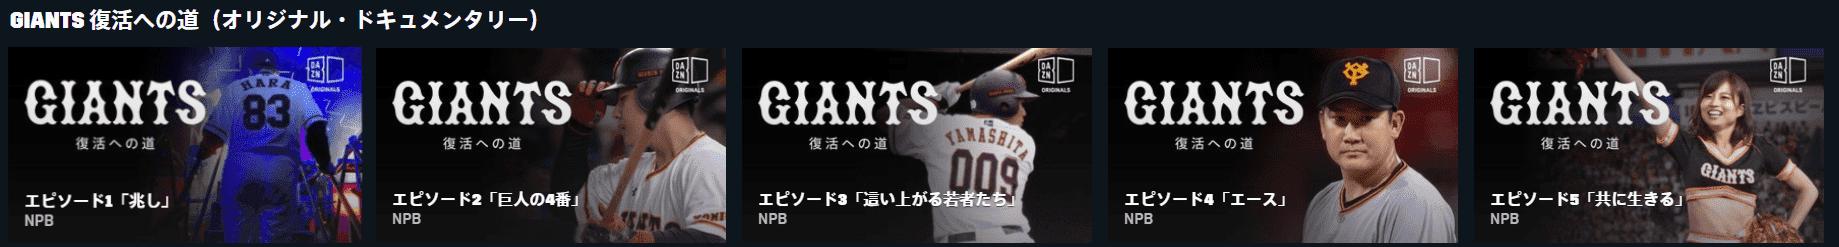 DAZN野球のオリジナルコンテンツ